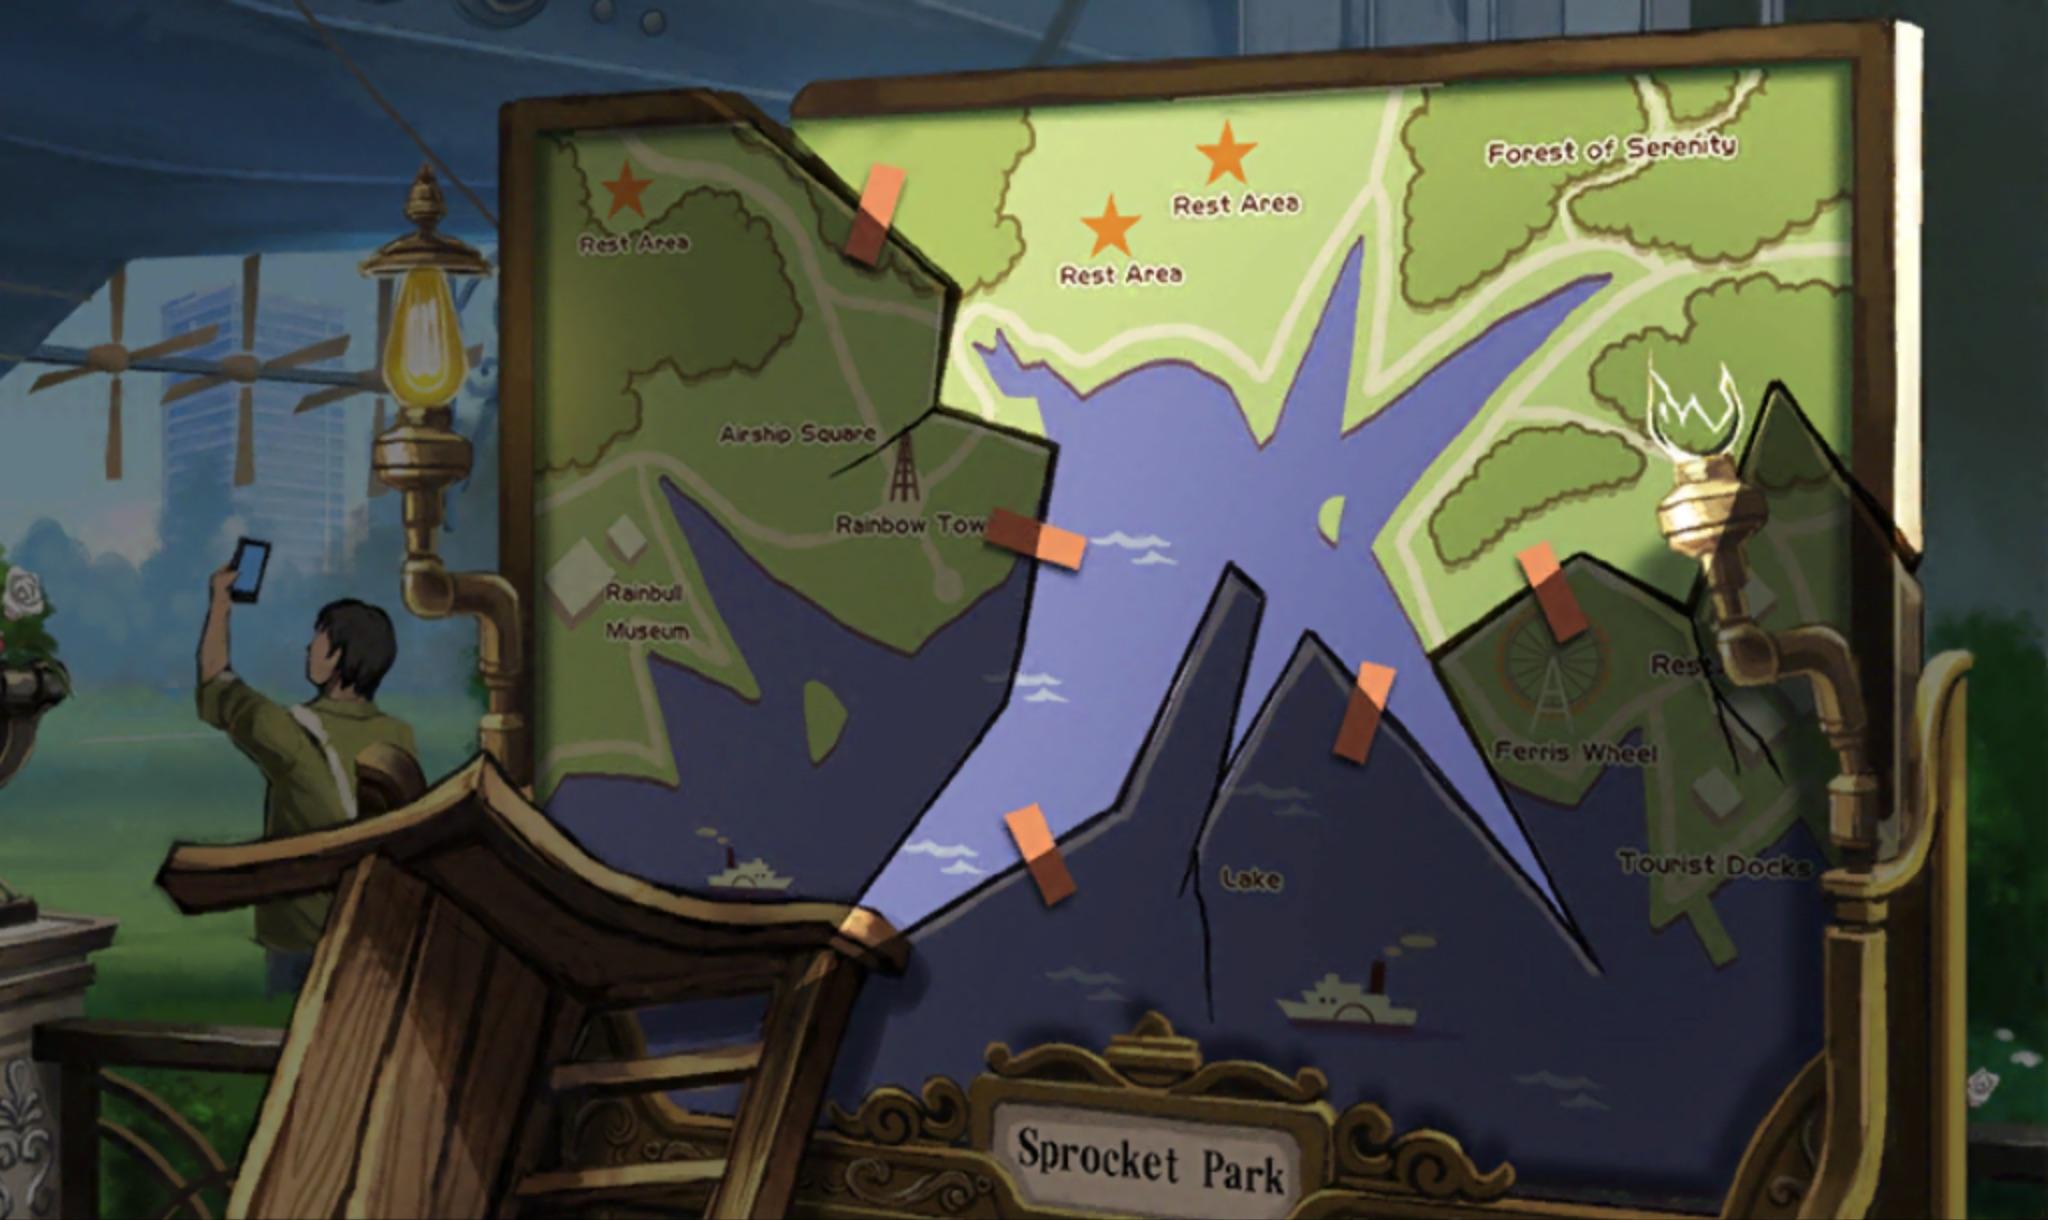 File:Sprocket Park sign.png